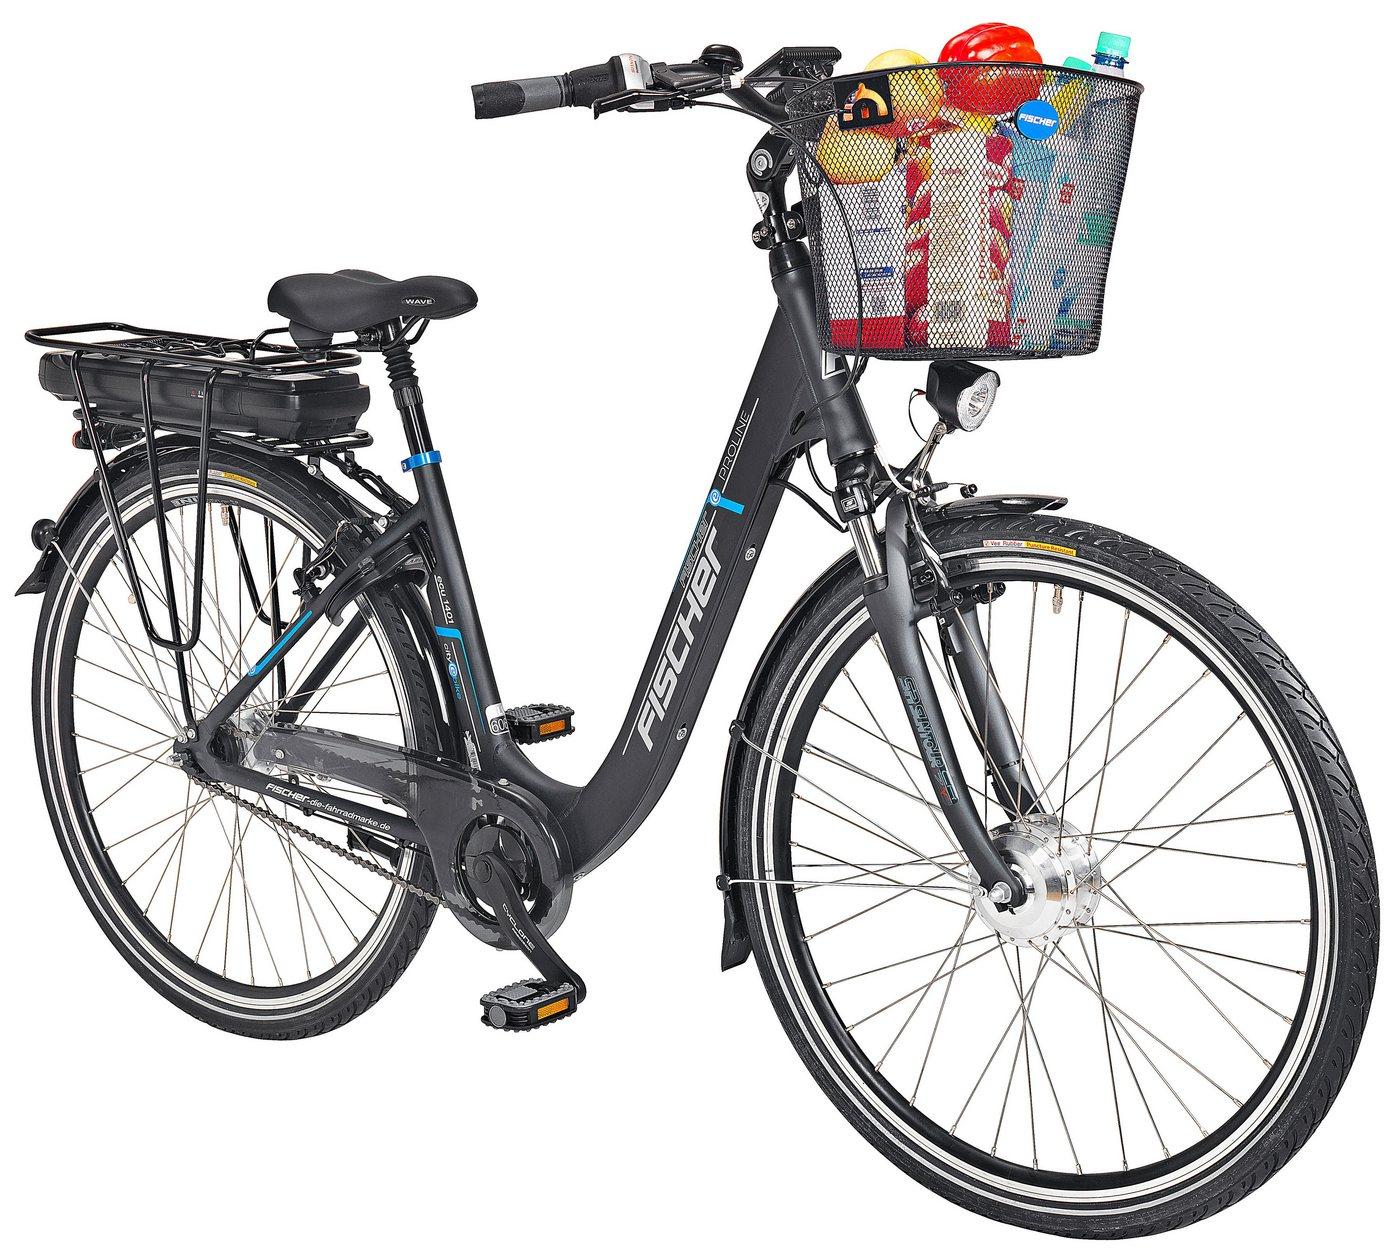 Fischer Fahrraeder E-Bike City Damen »ECU1401«, 28 Zoll, 7 Gang, Frontmotor, 522 Wh